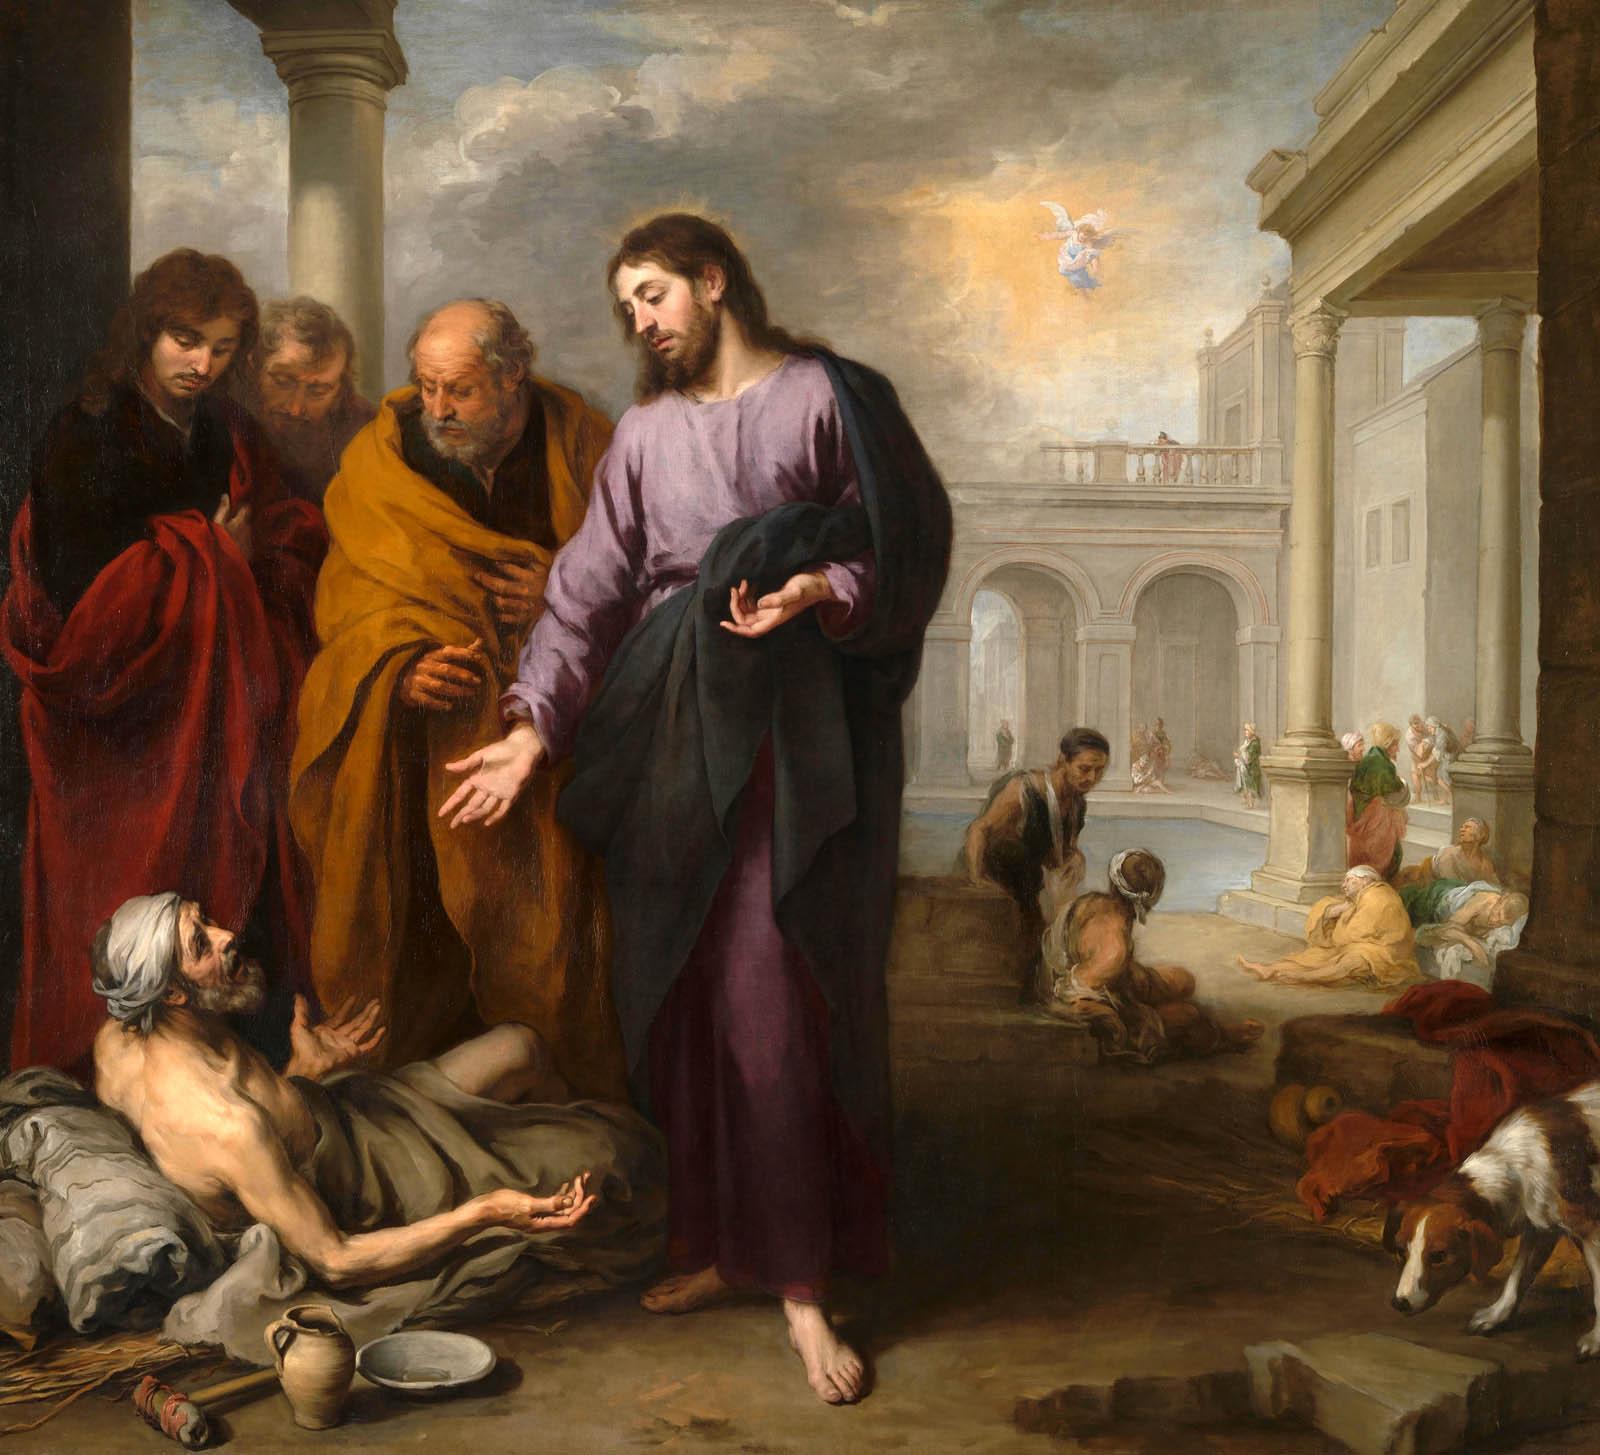 Иисус встретил и исцелил парализованного - Овчая купель